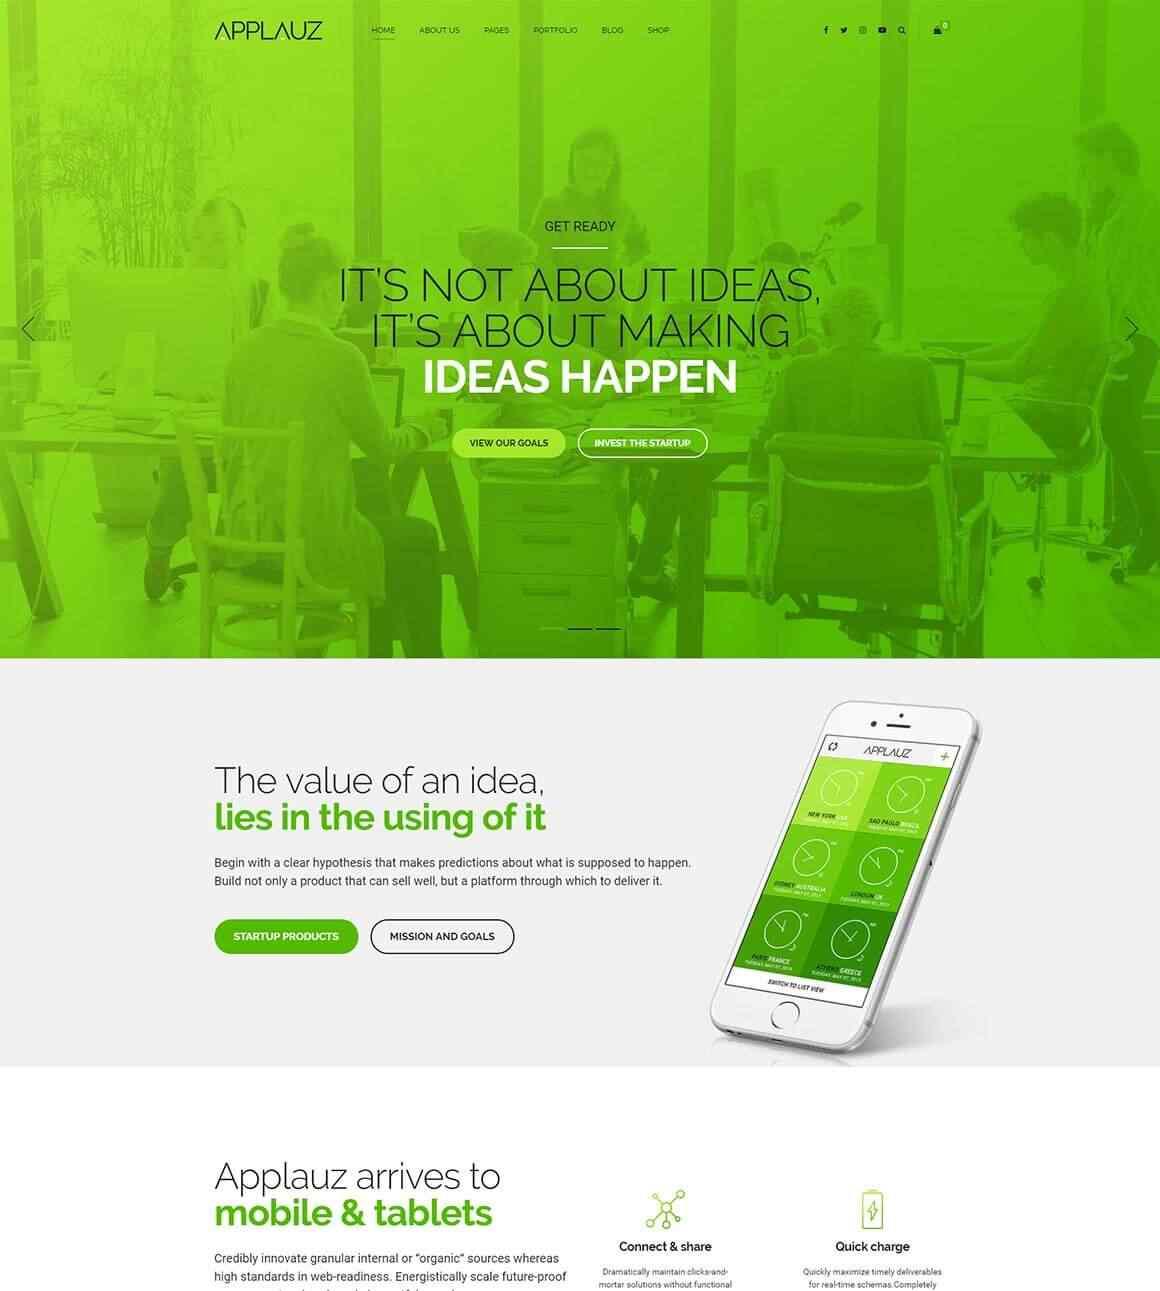 https://www.joyinnovations.net/wp-content/uploads/2017/11/Screenshot-Startup.jpg